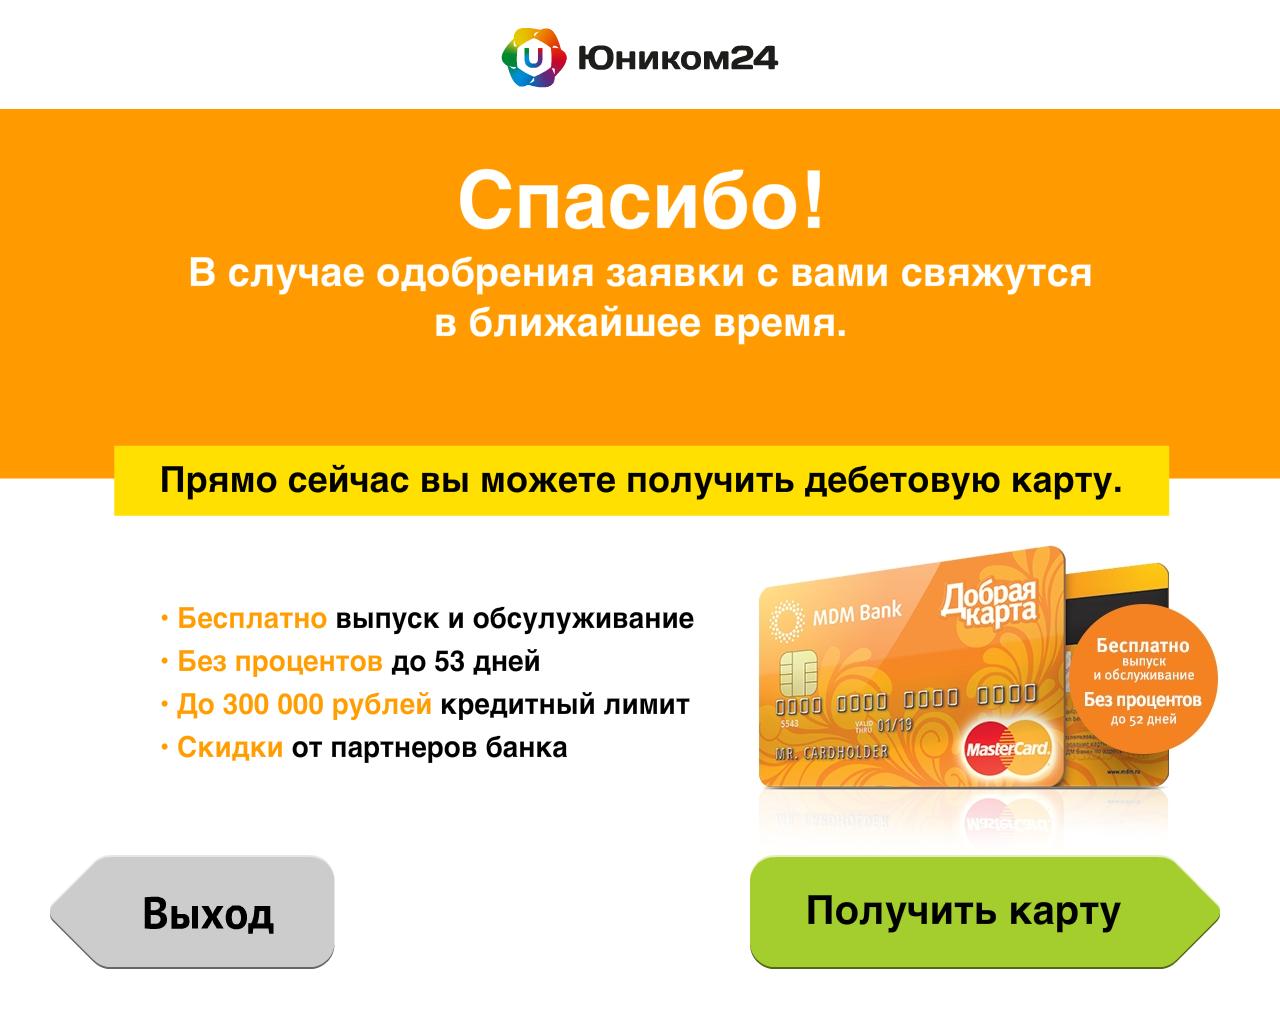 термобелье получить кредитную карту онлайн без прихода в банк может быть